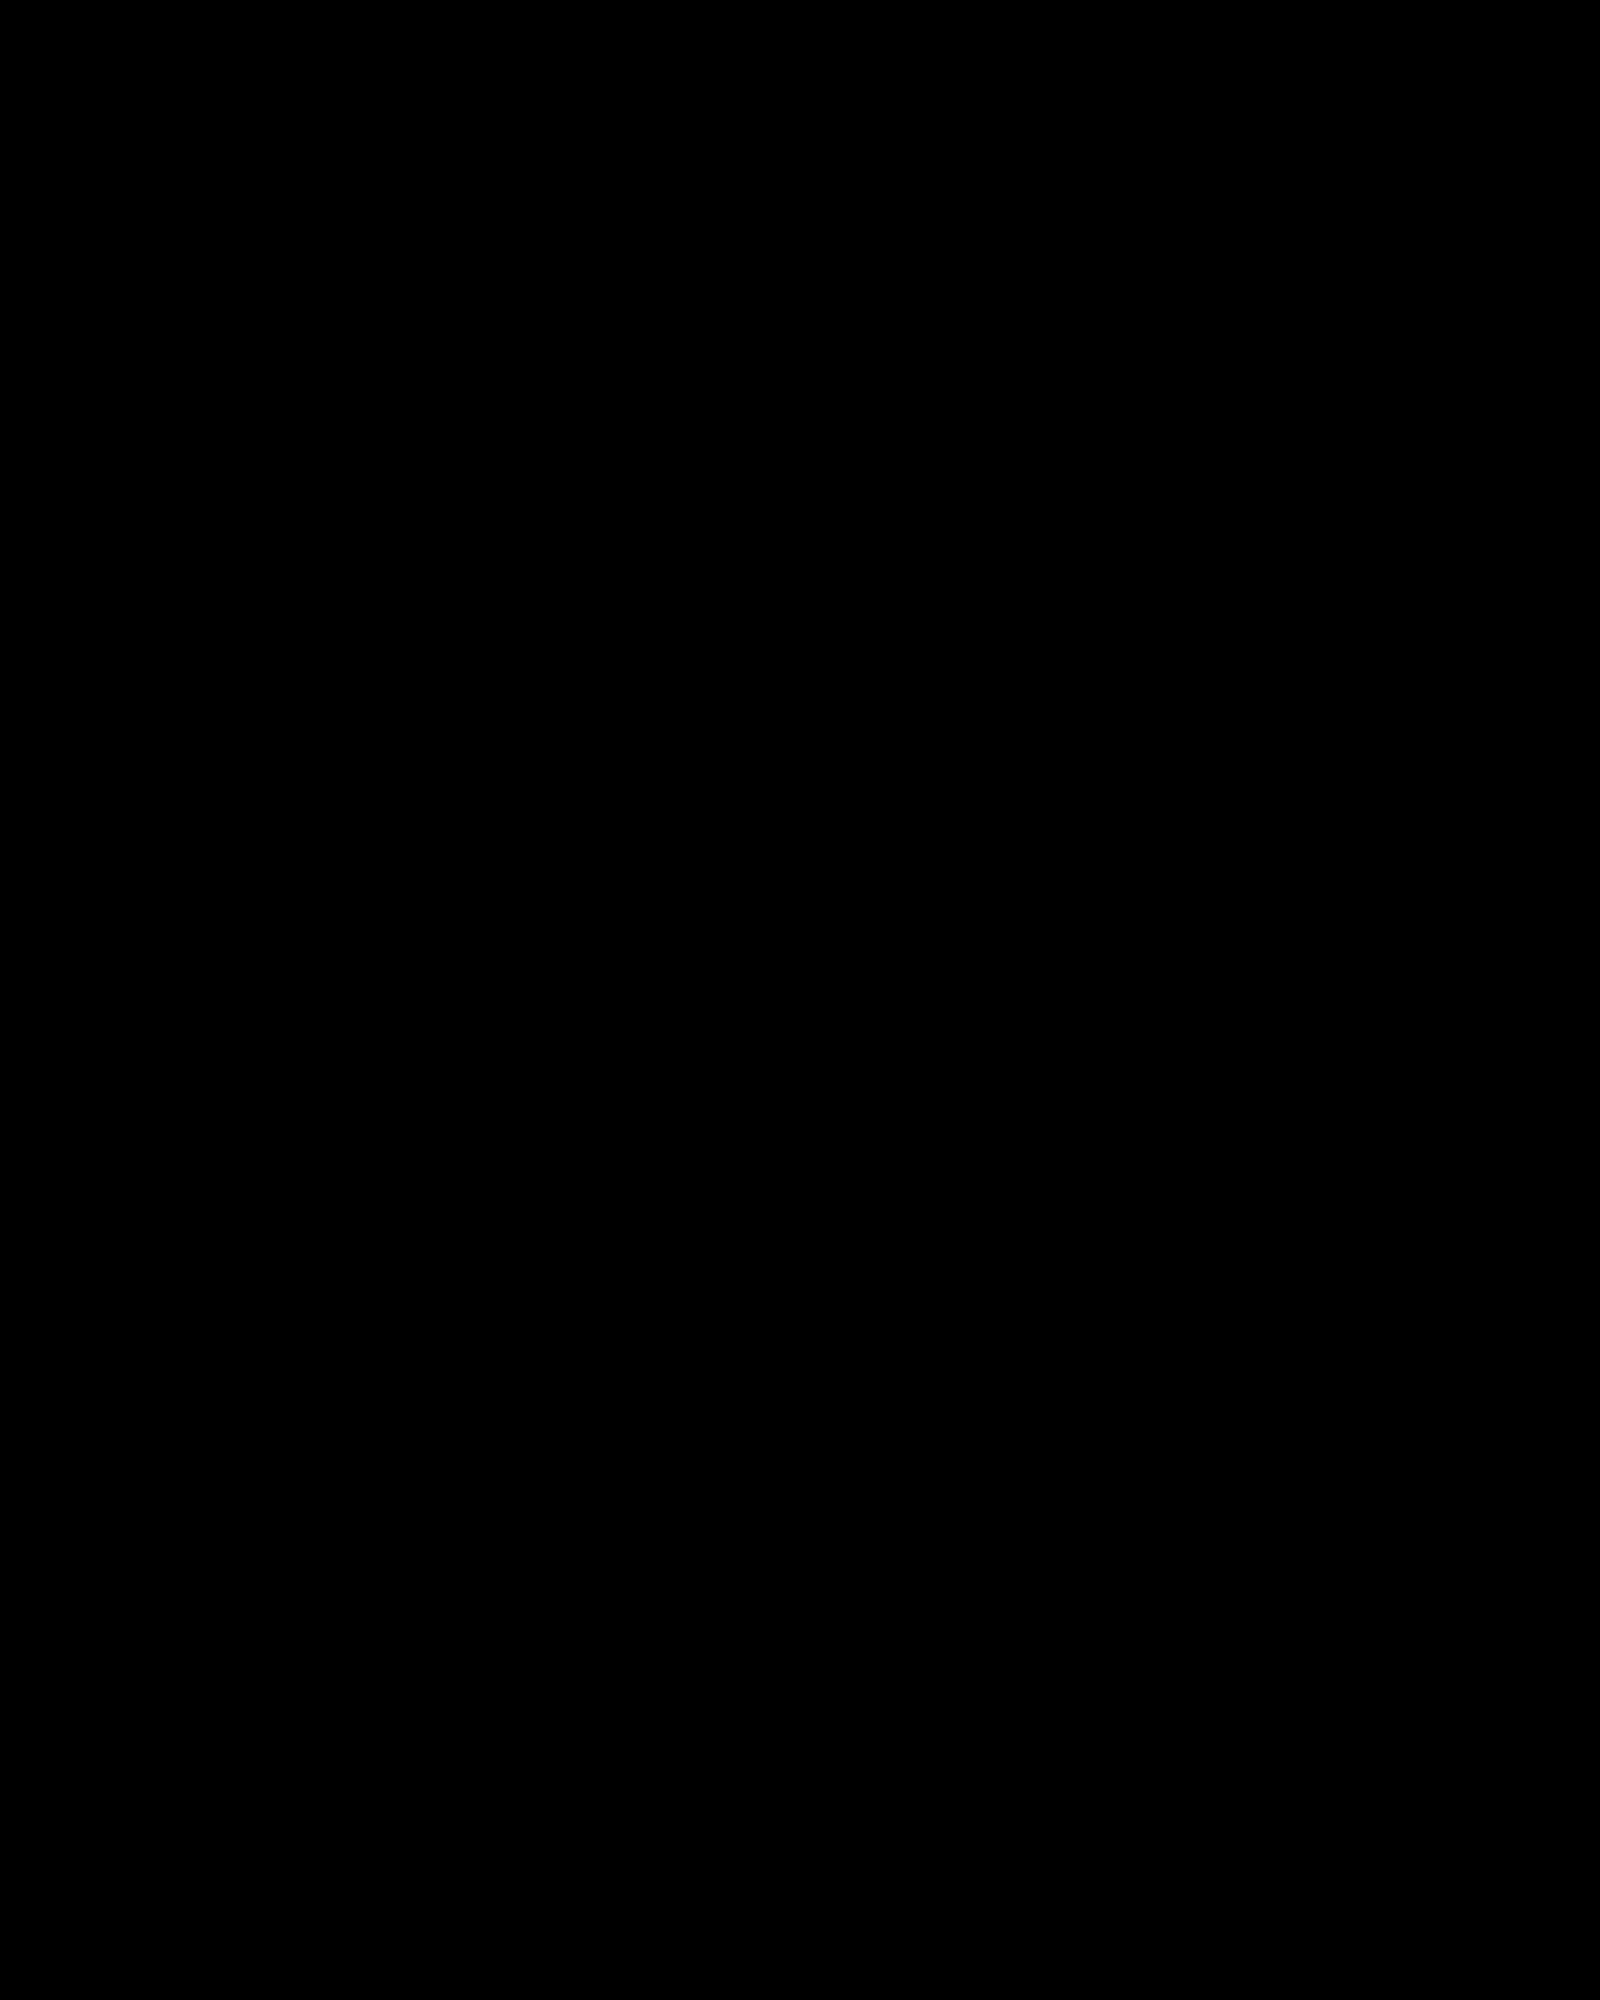 71t881swsl